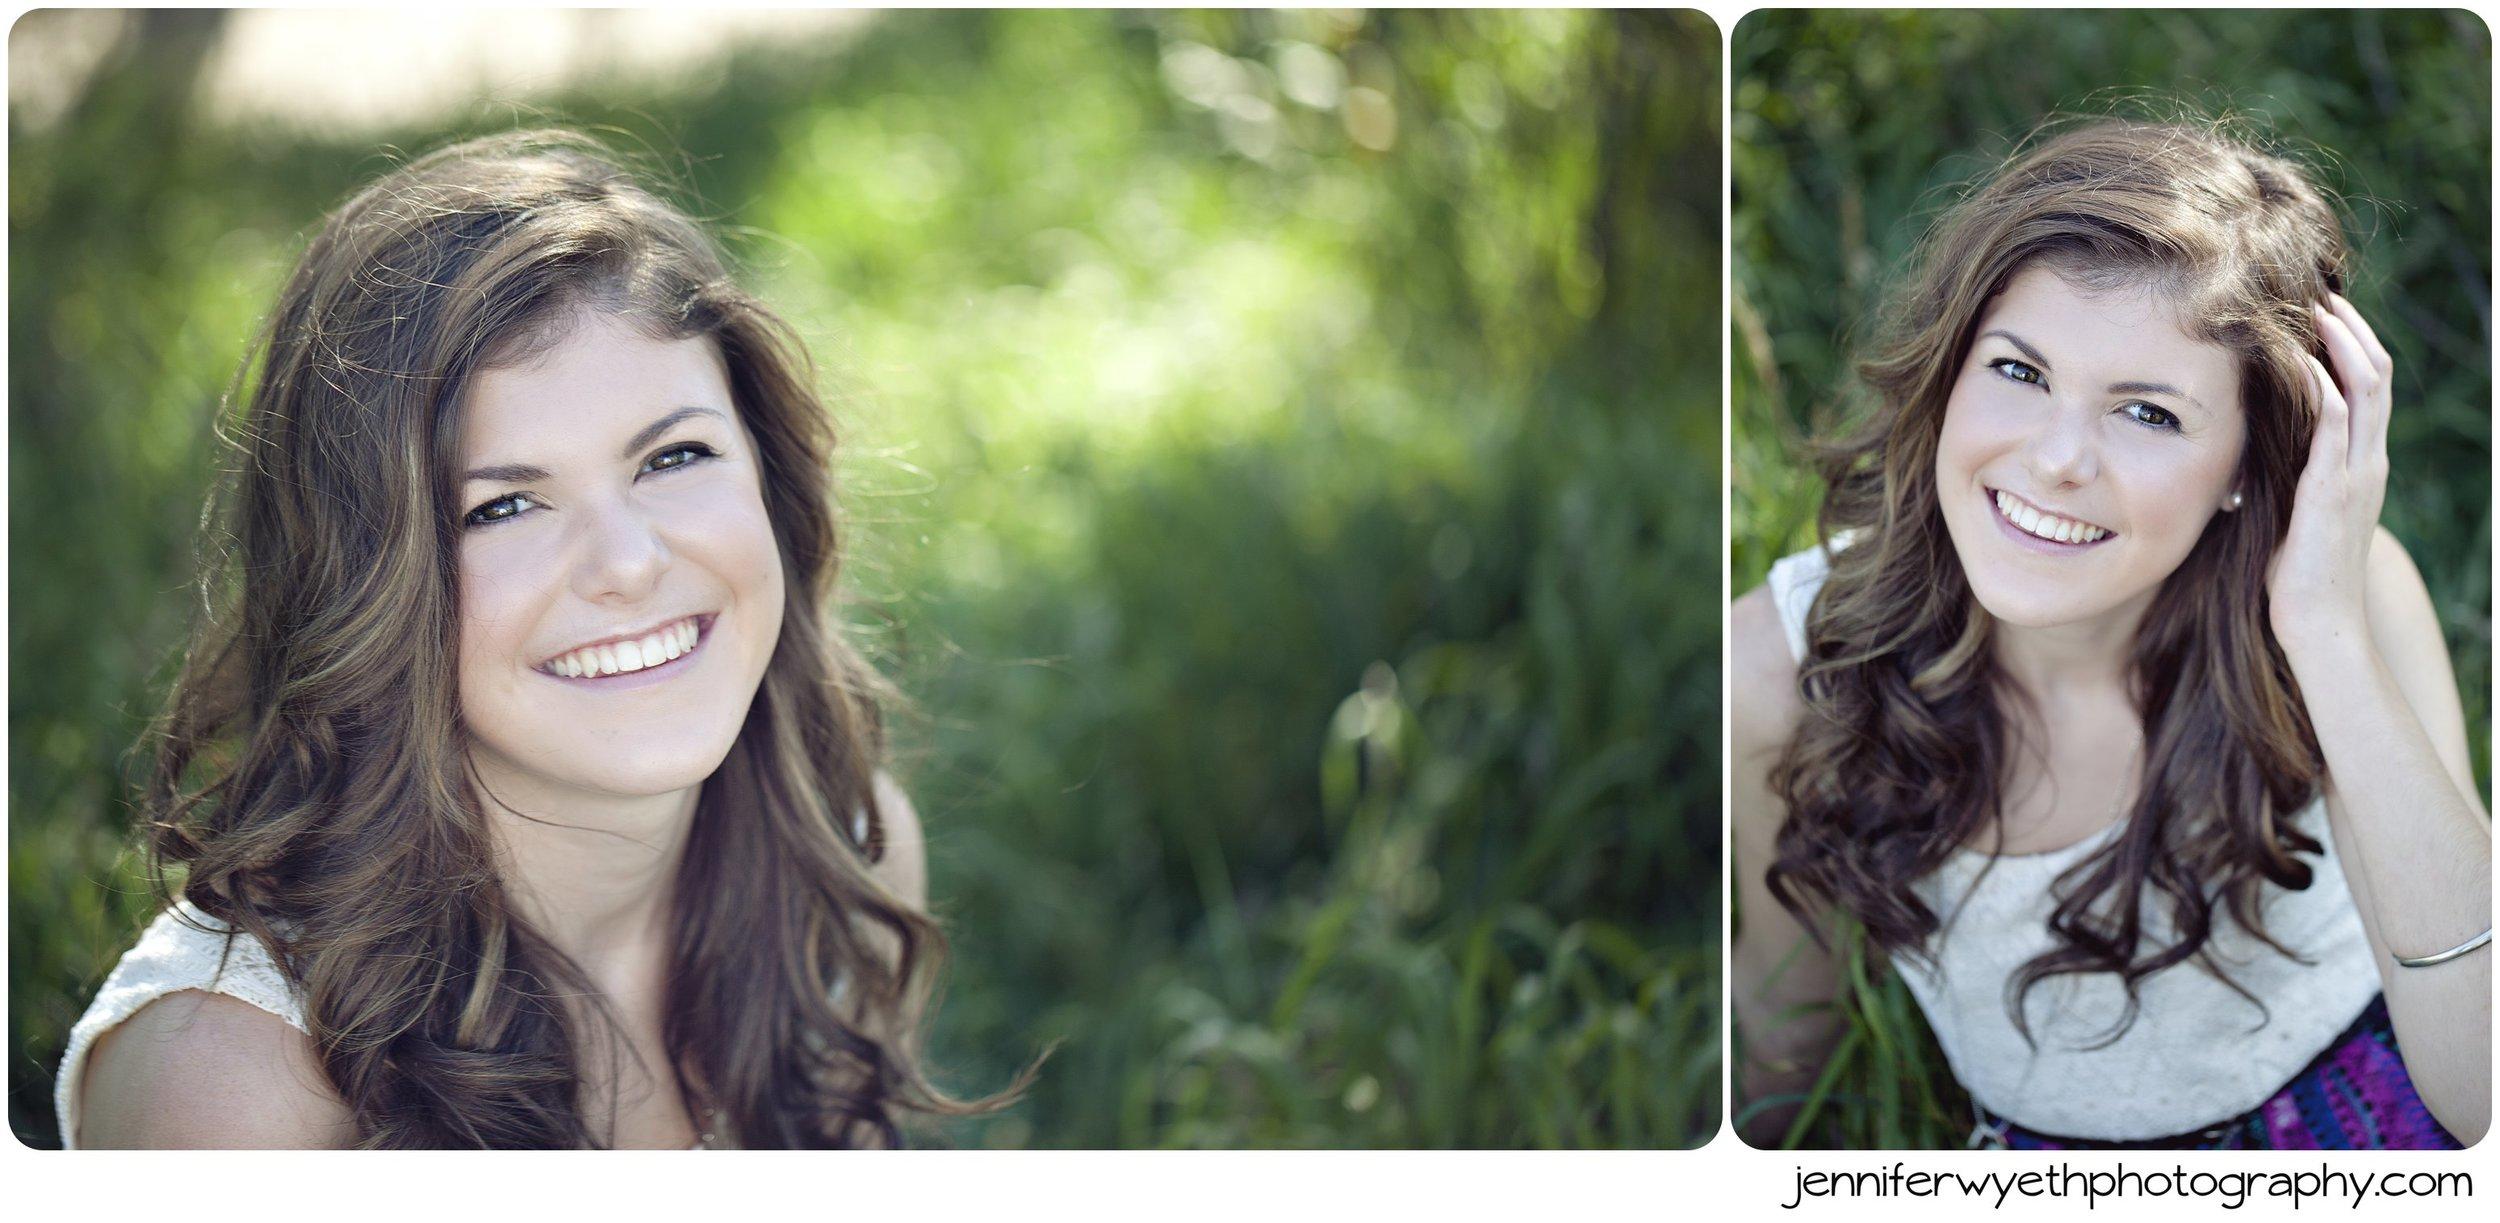 golden light falls on brunette sitting in grass in sundress